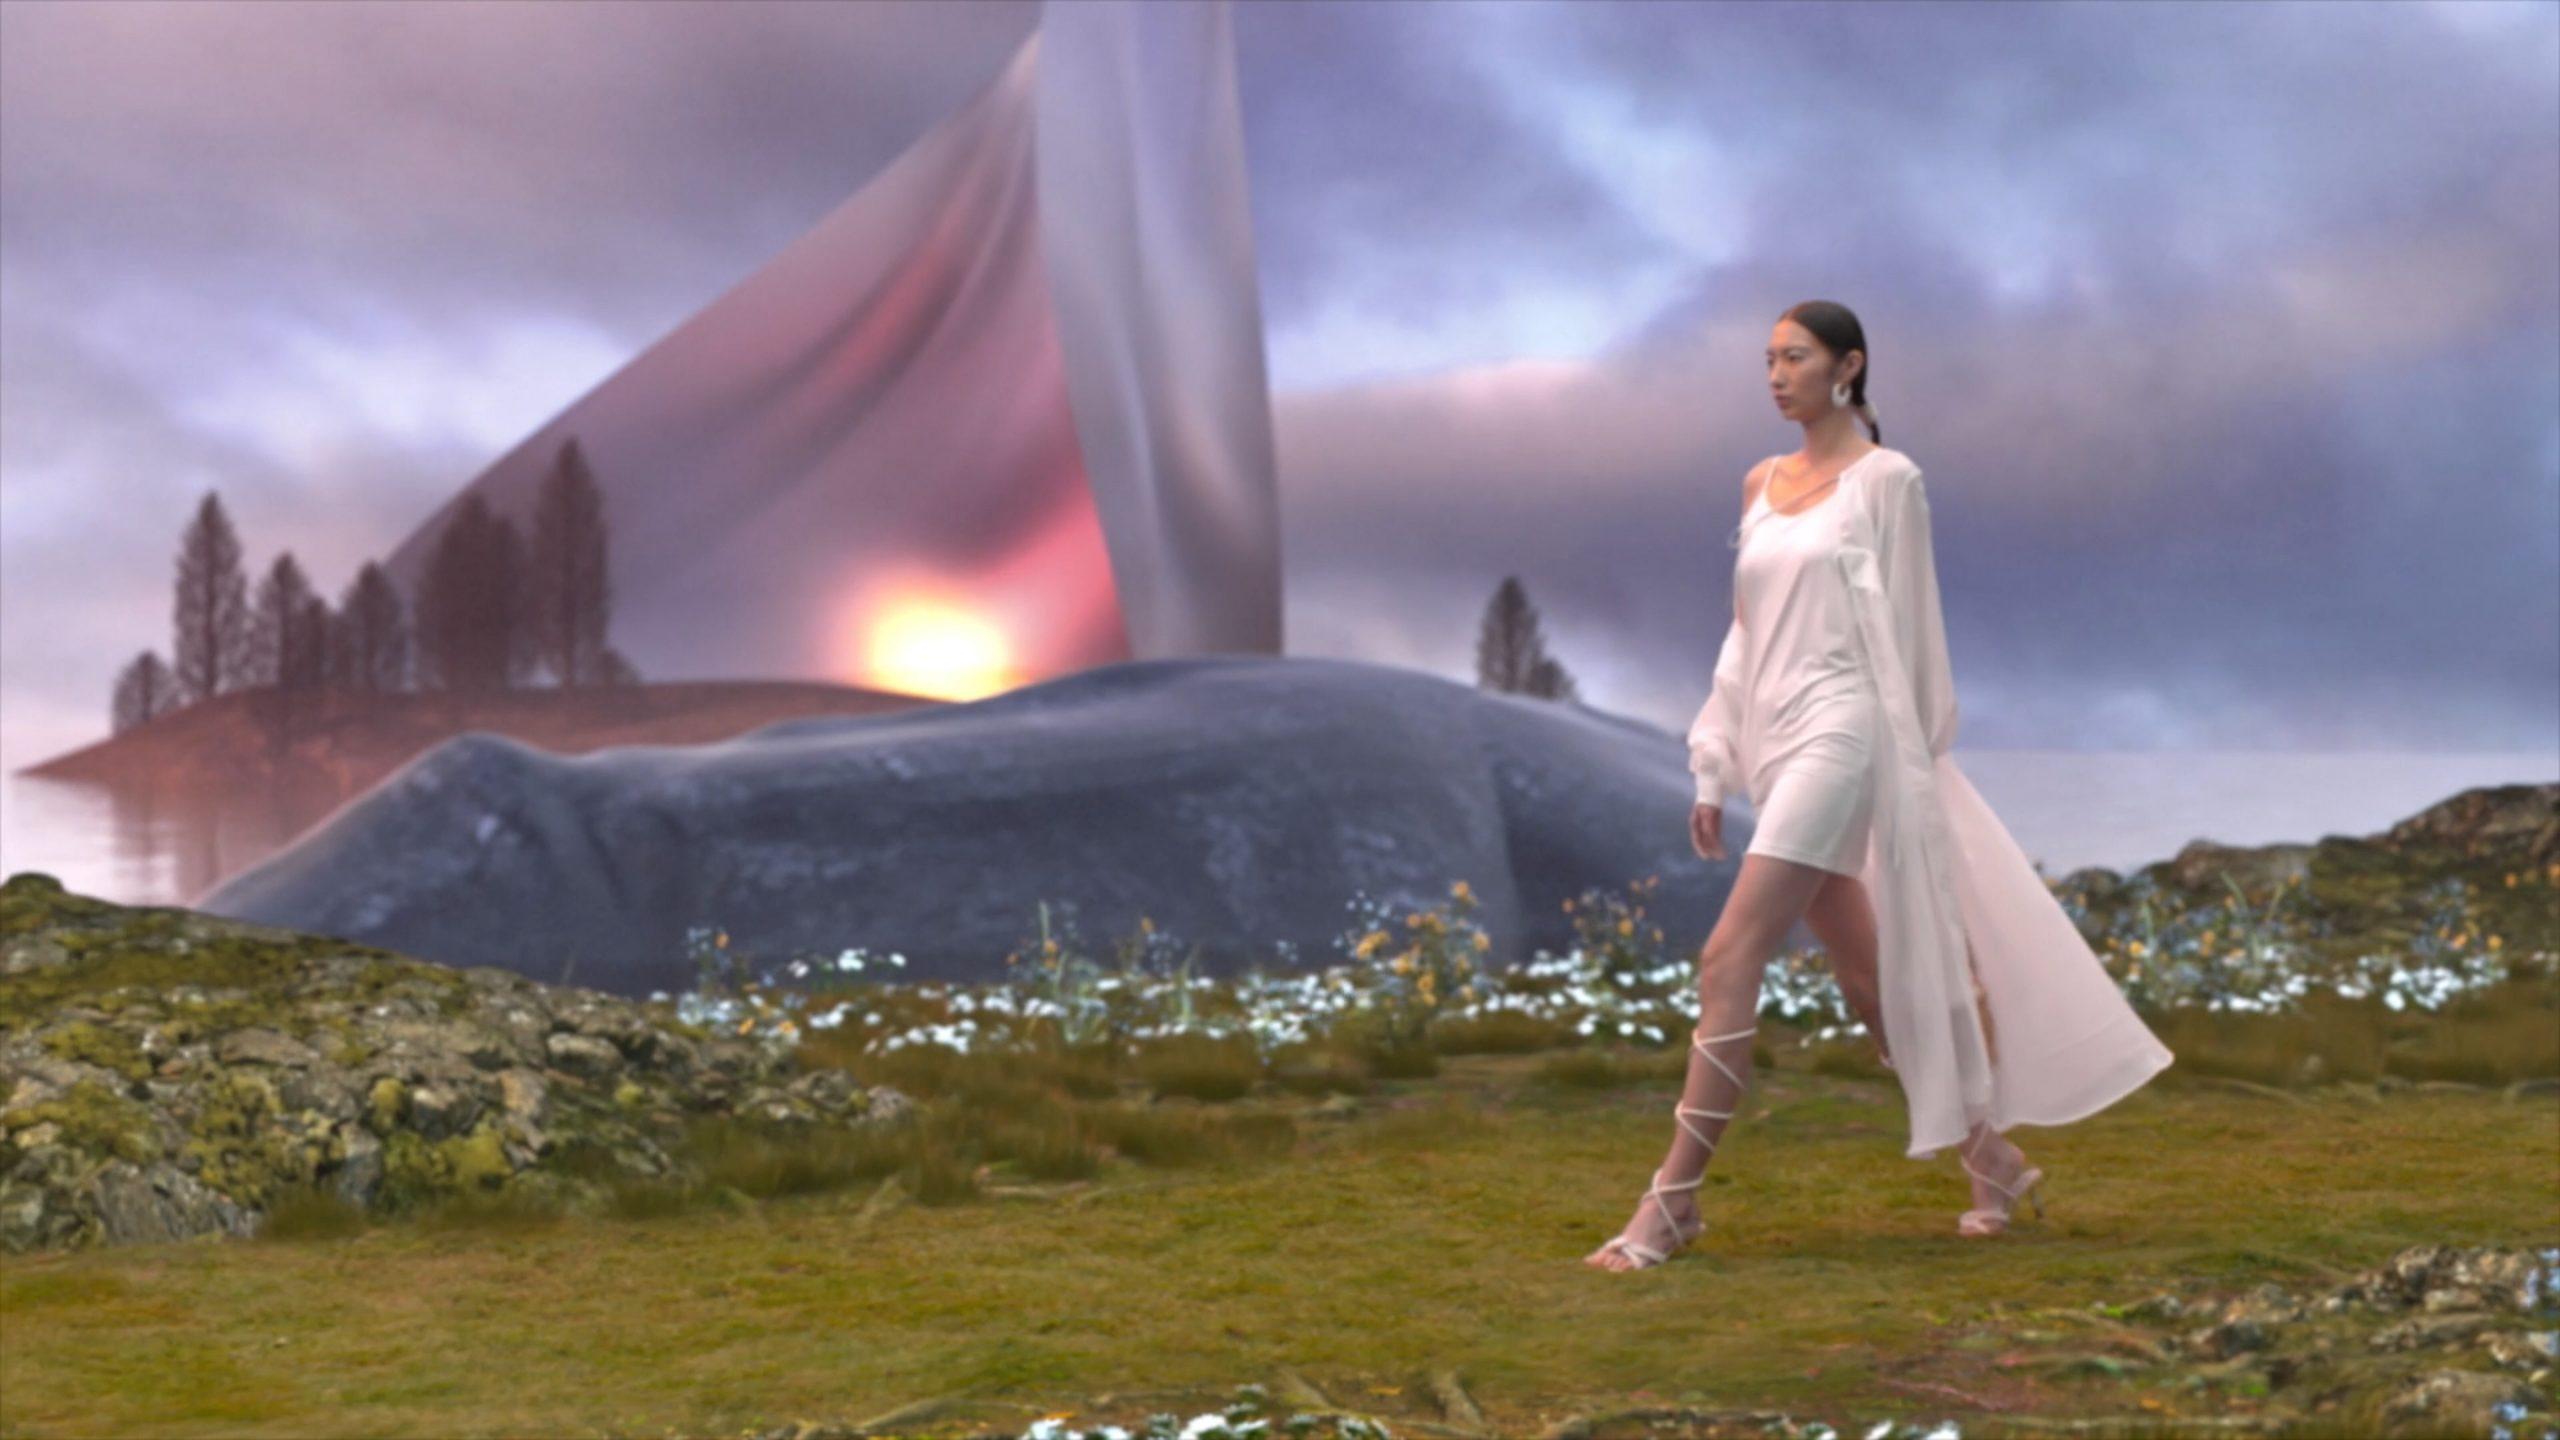 虚拟交互的时代,足下生风的鞋履如何建立起「当代与未来」的符号?